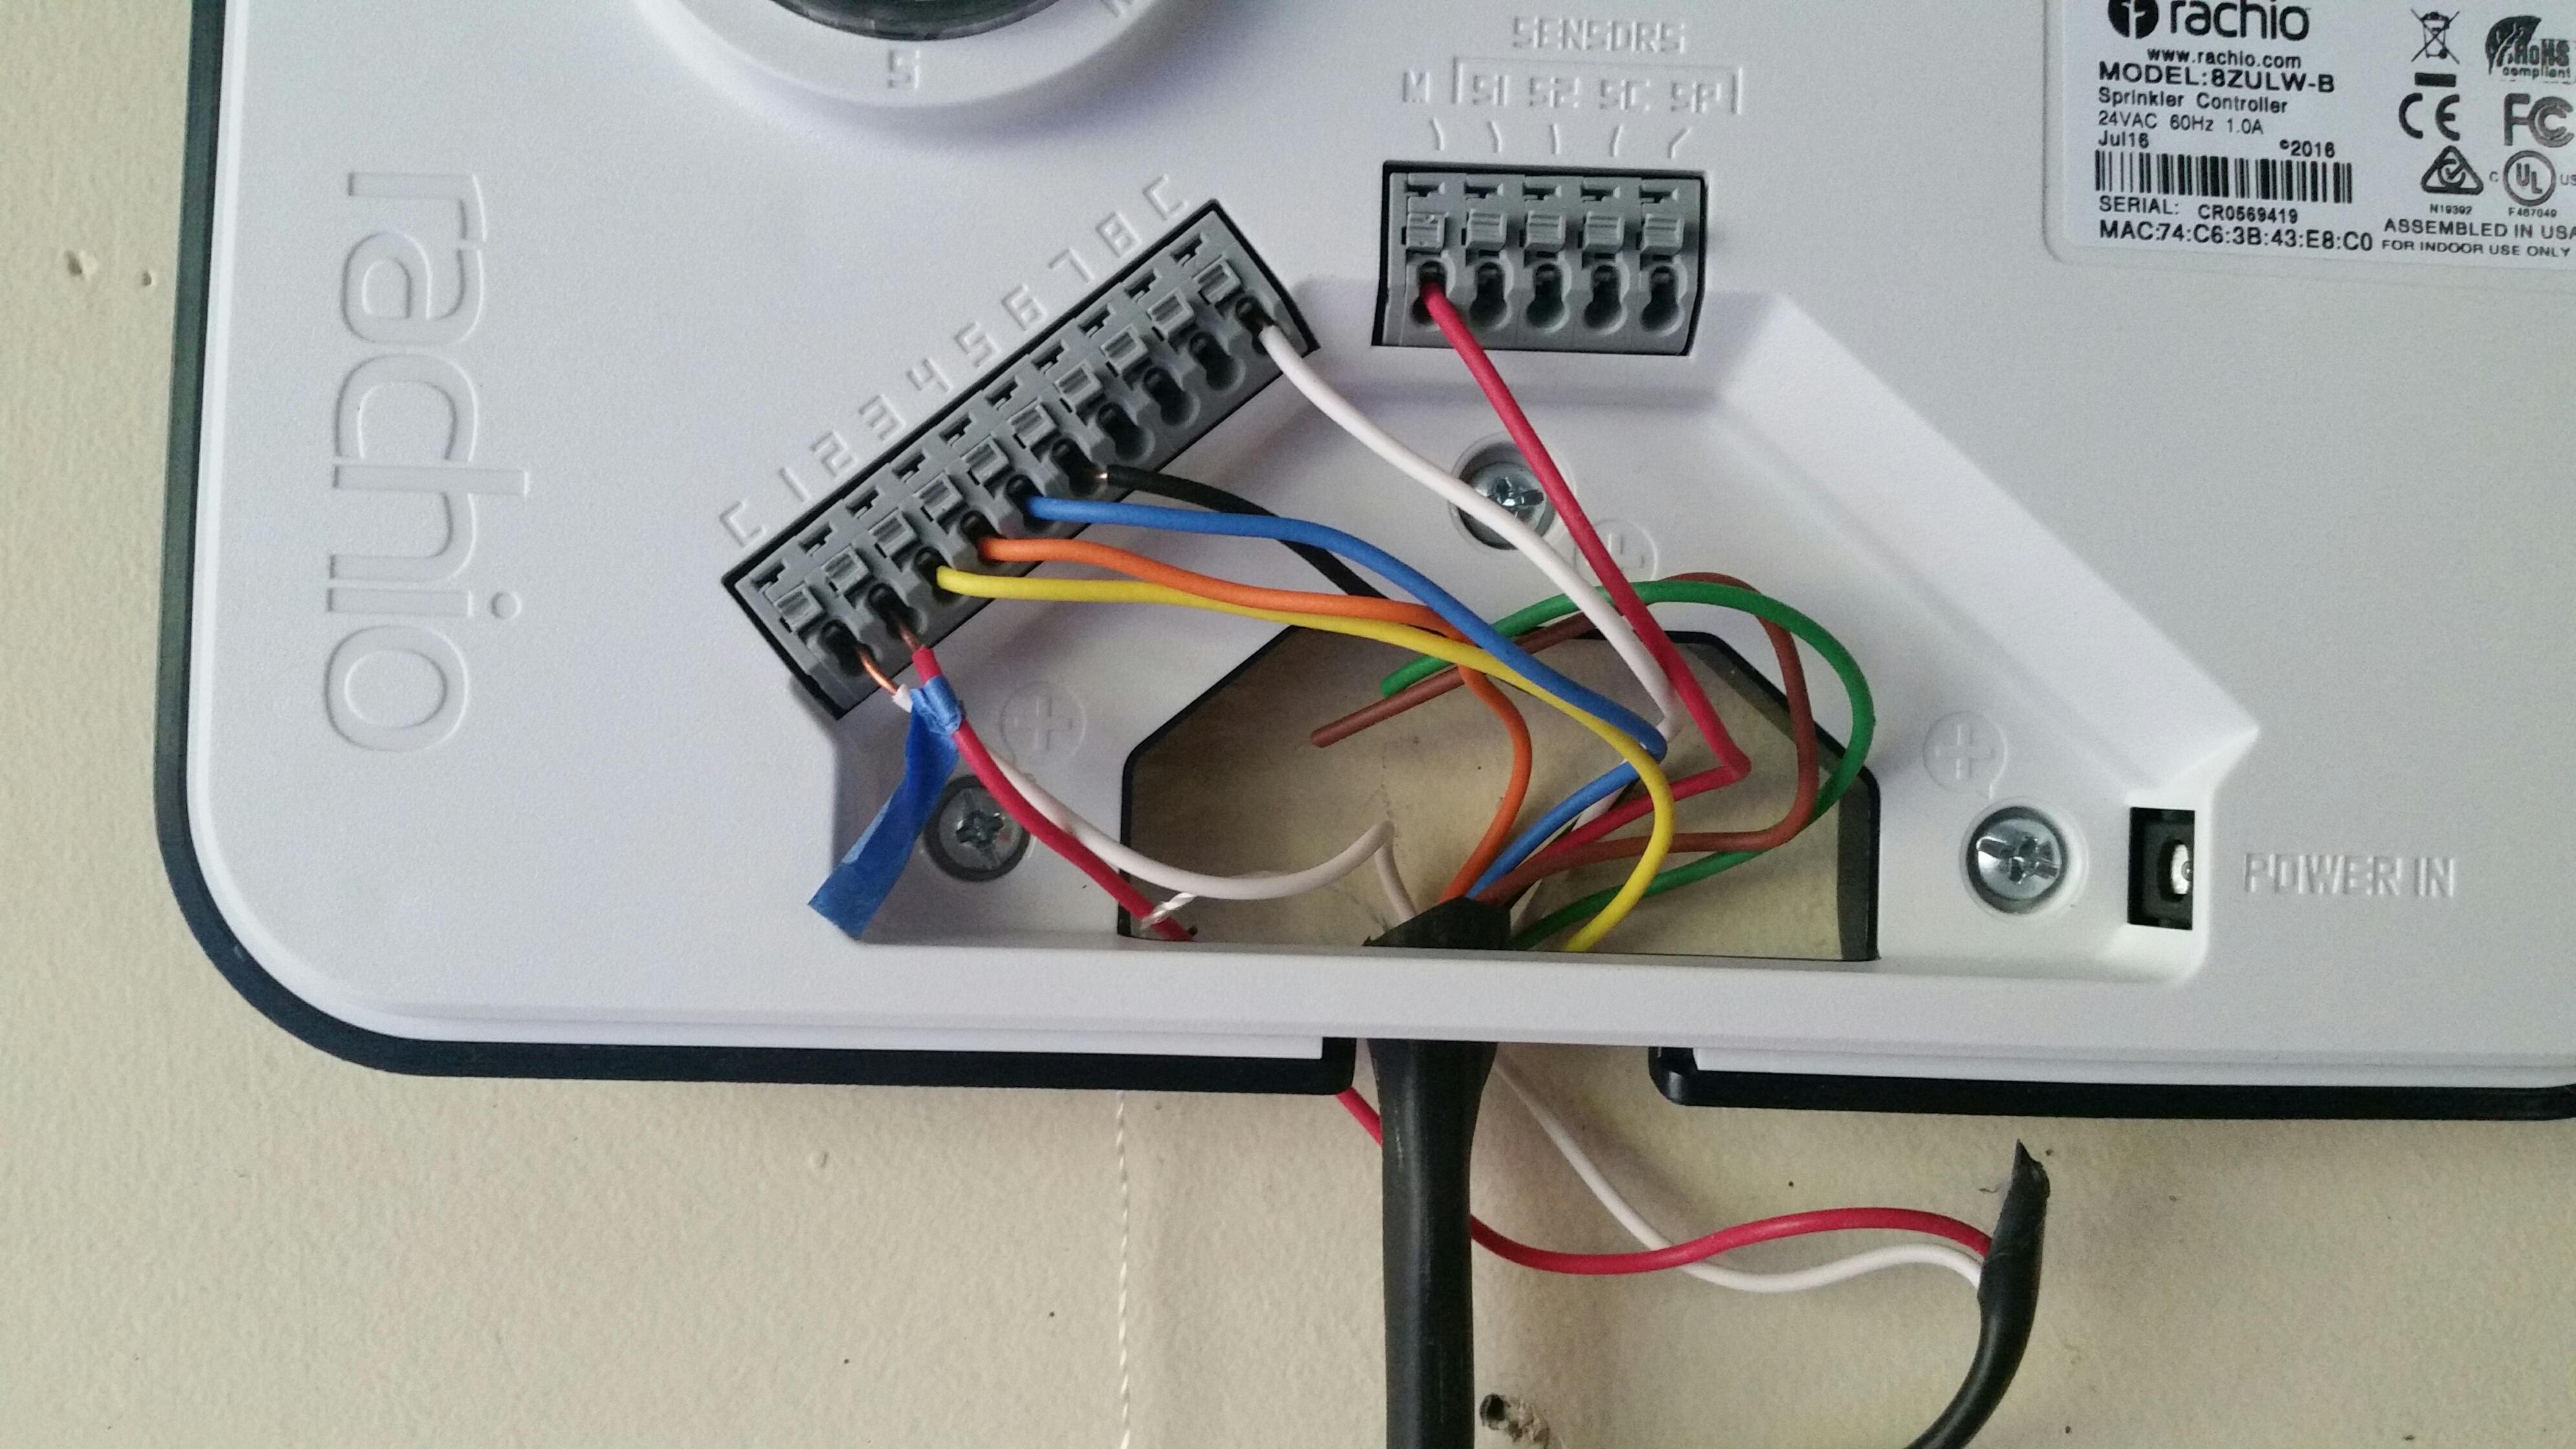 hunter pro c sprinkler system wiring diagram goodman electric heater psr 22 28 images